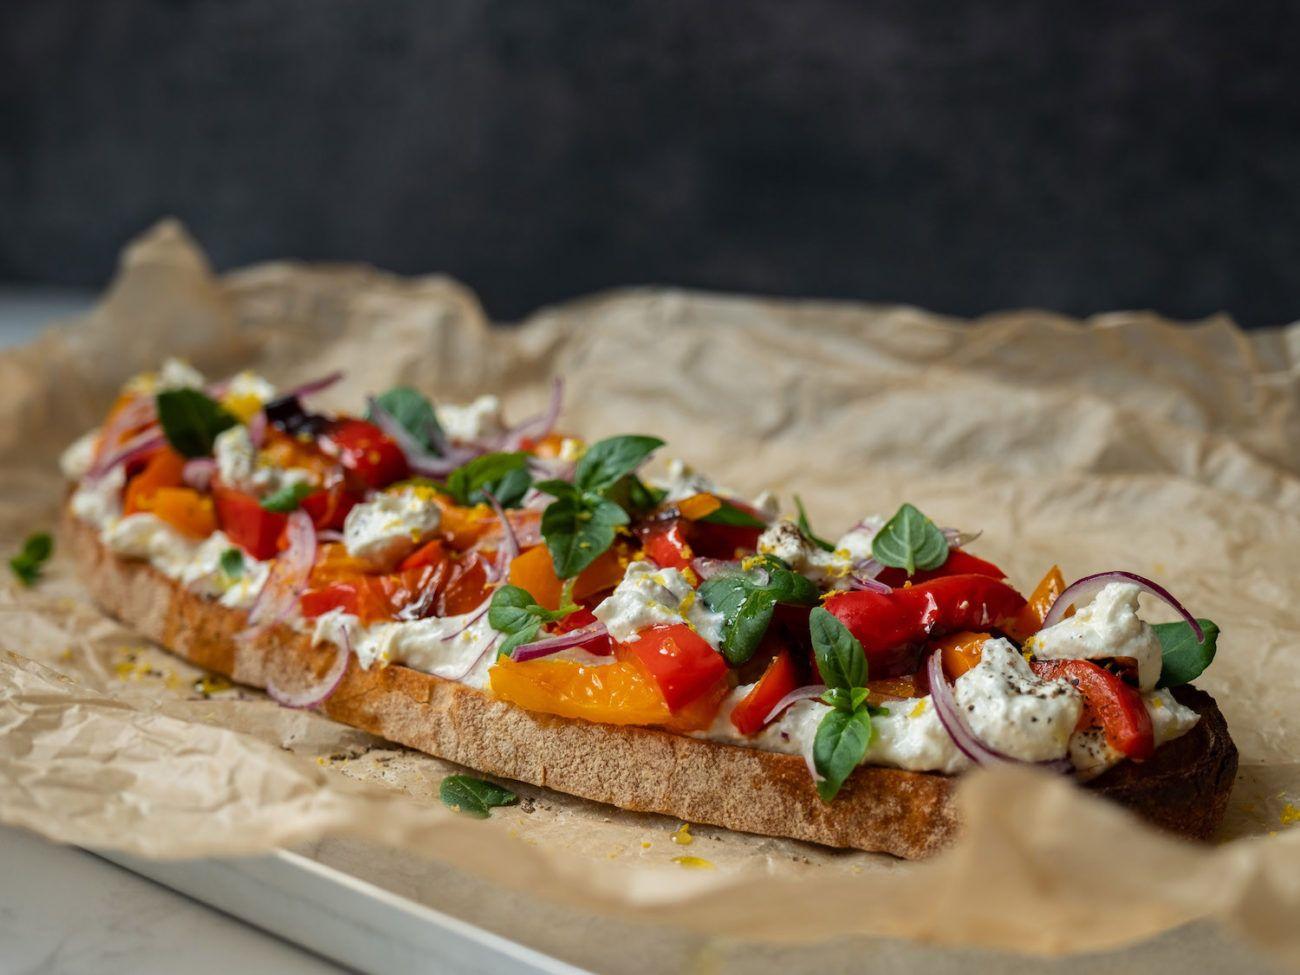 Rezept Sandwich mit Zitronenricotta und gegrillter Paprika, rote Zwiebeln, Backpapier